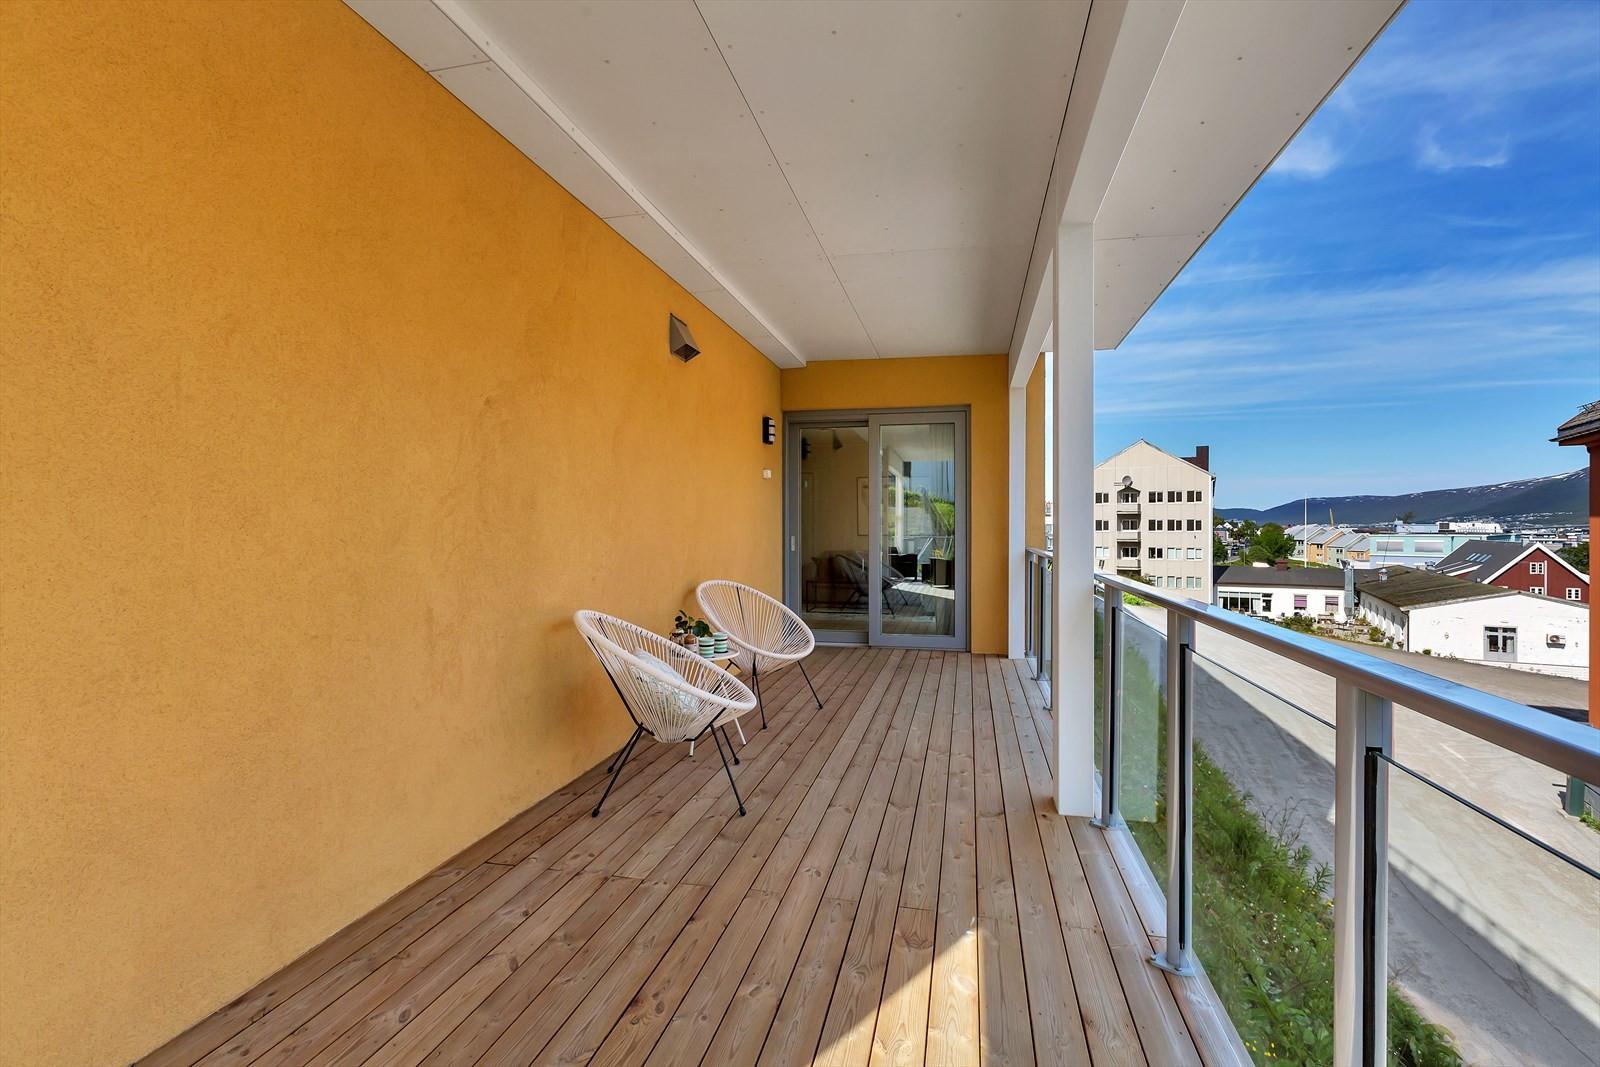 Terrasse med utgang fra stue via skyvedør